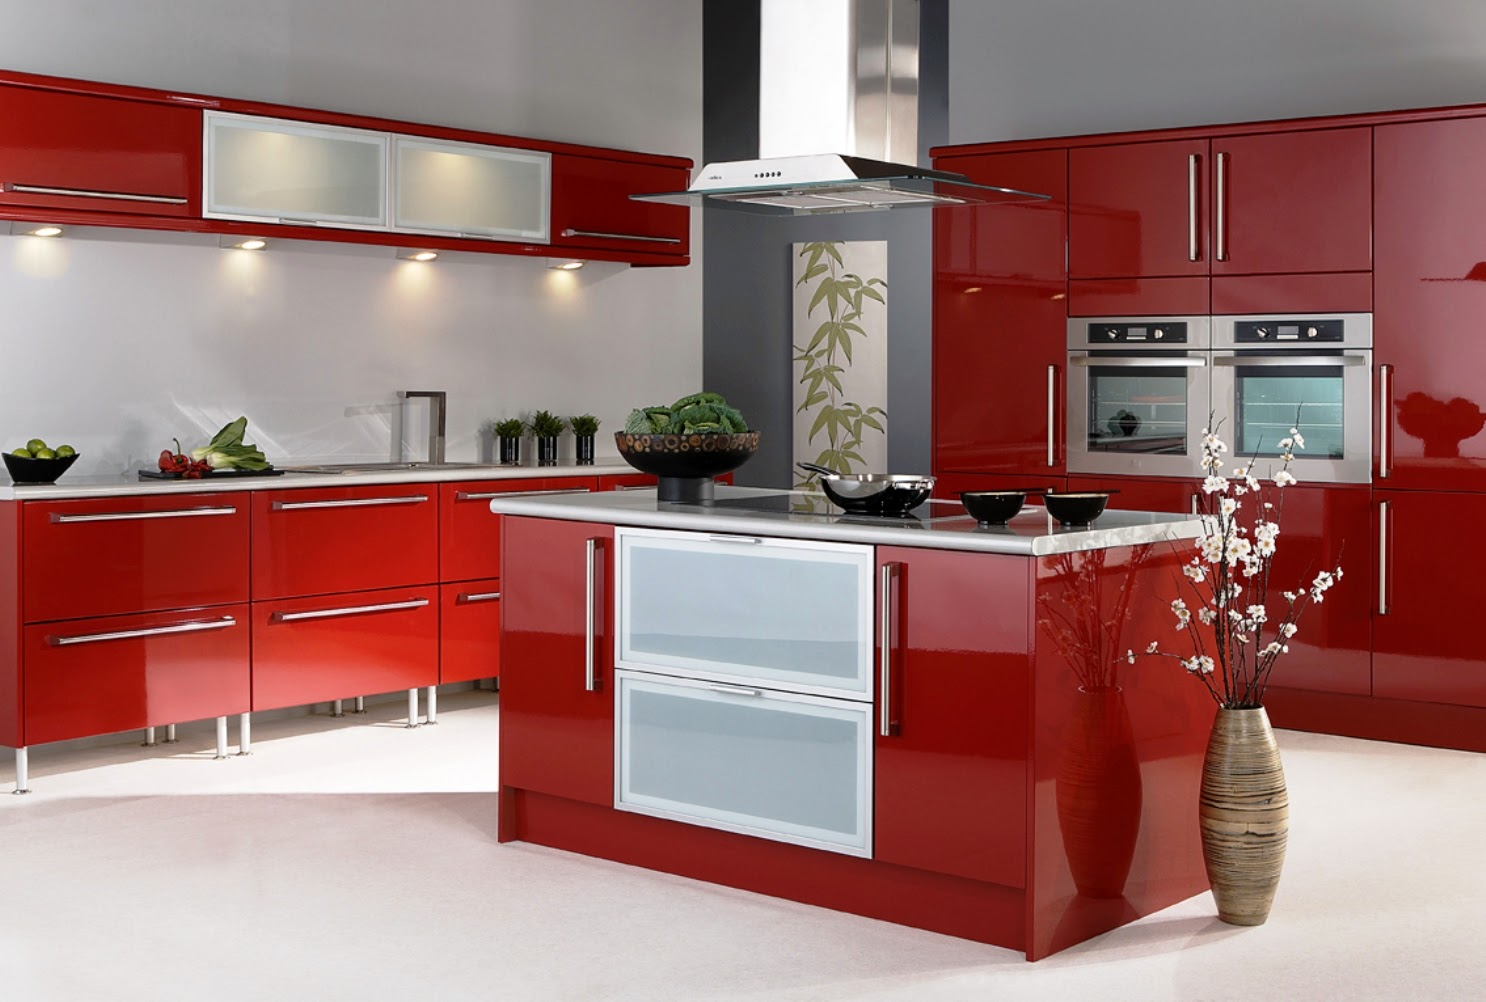 Kitchen Red Color Cabinet Design